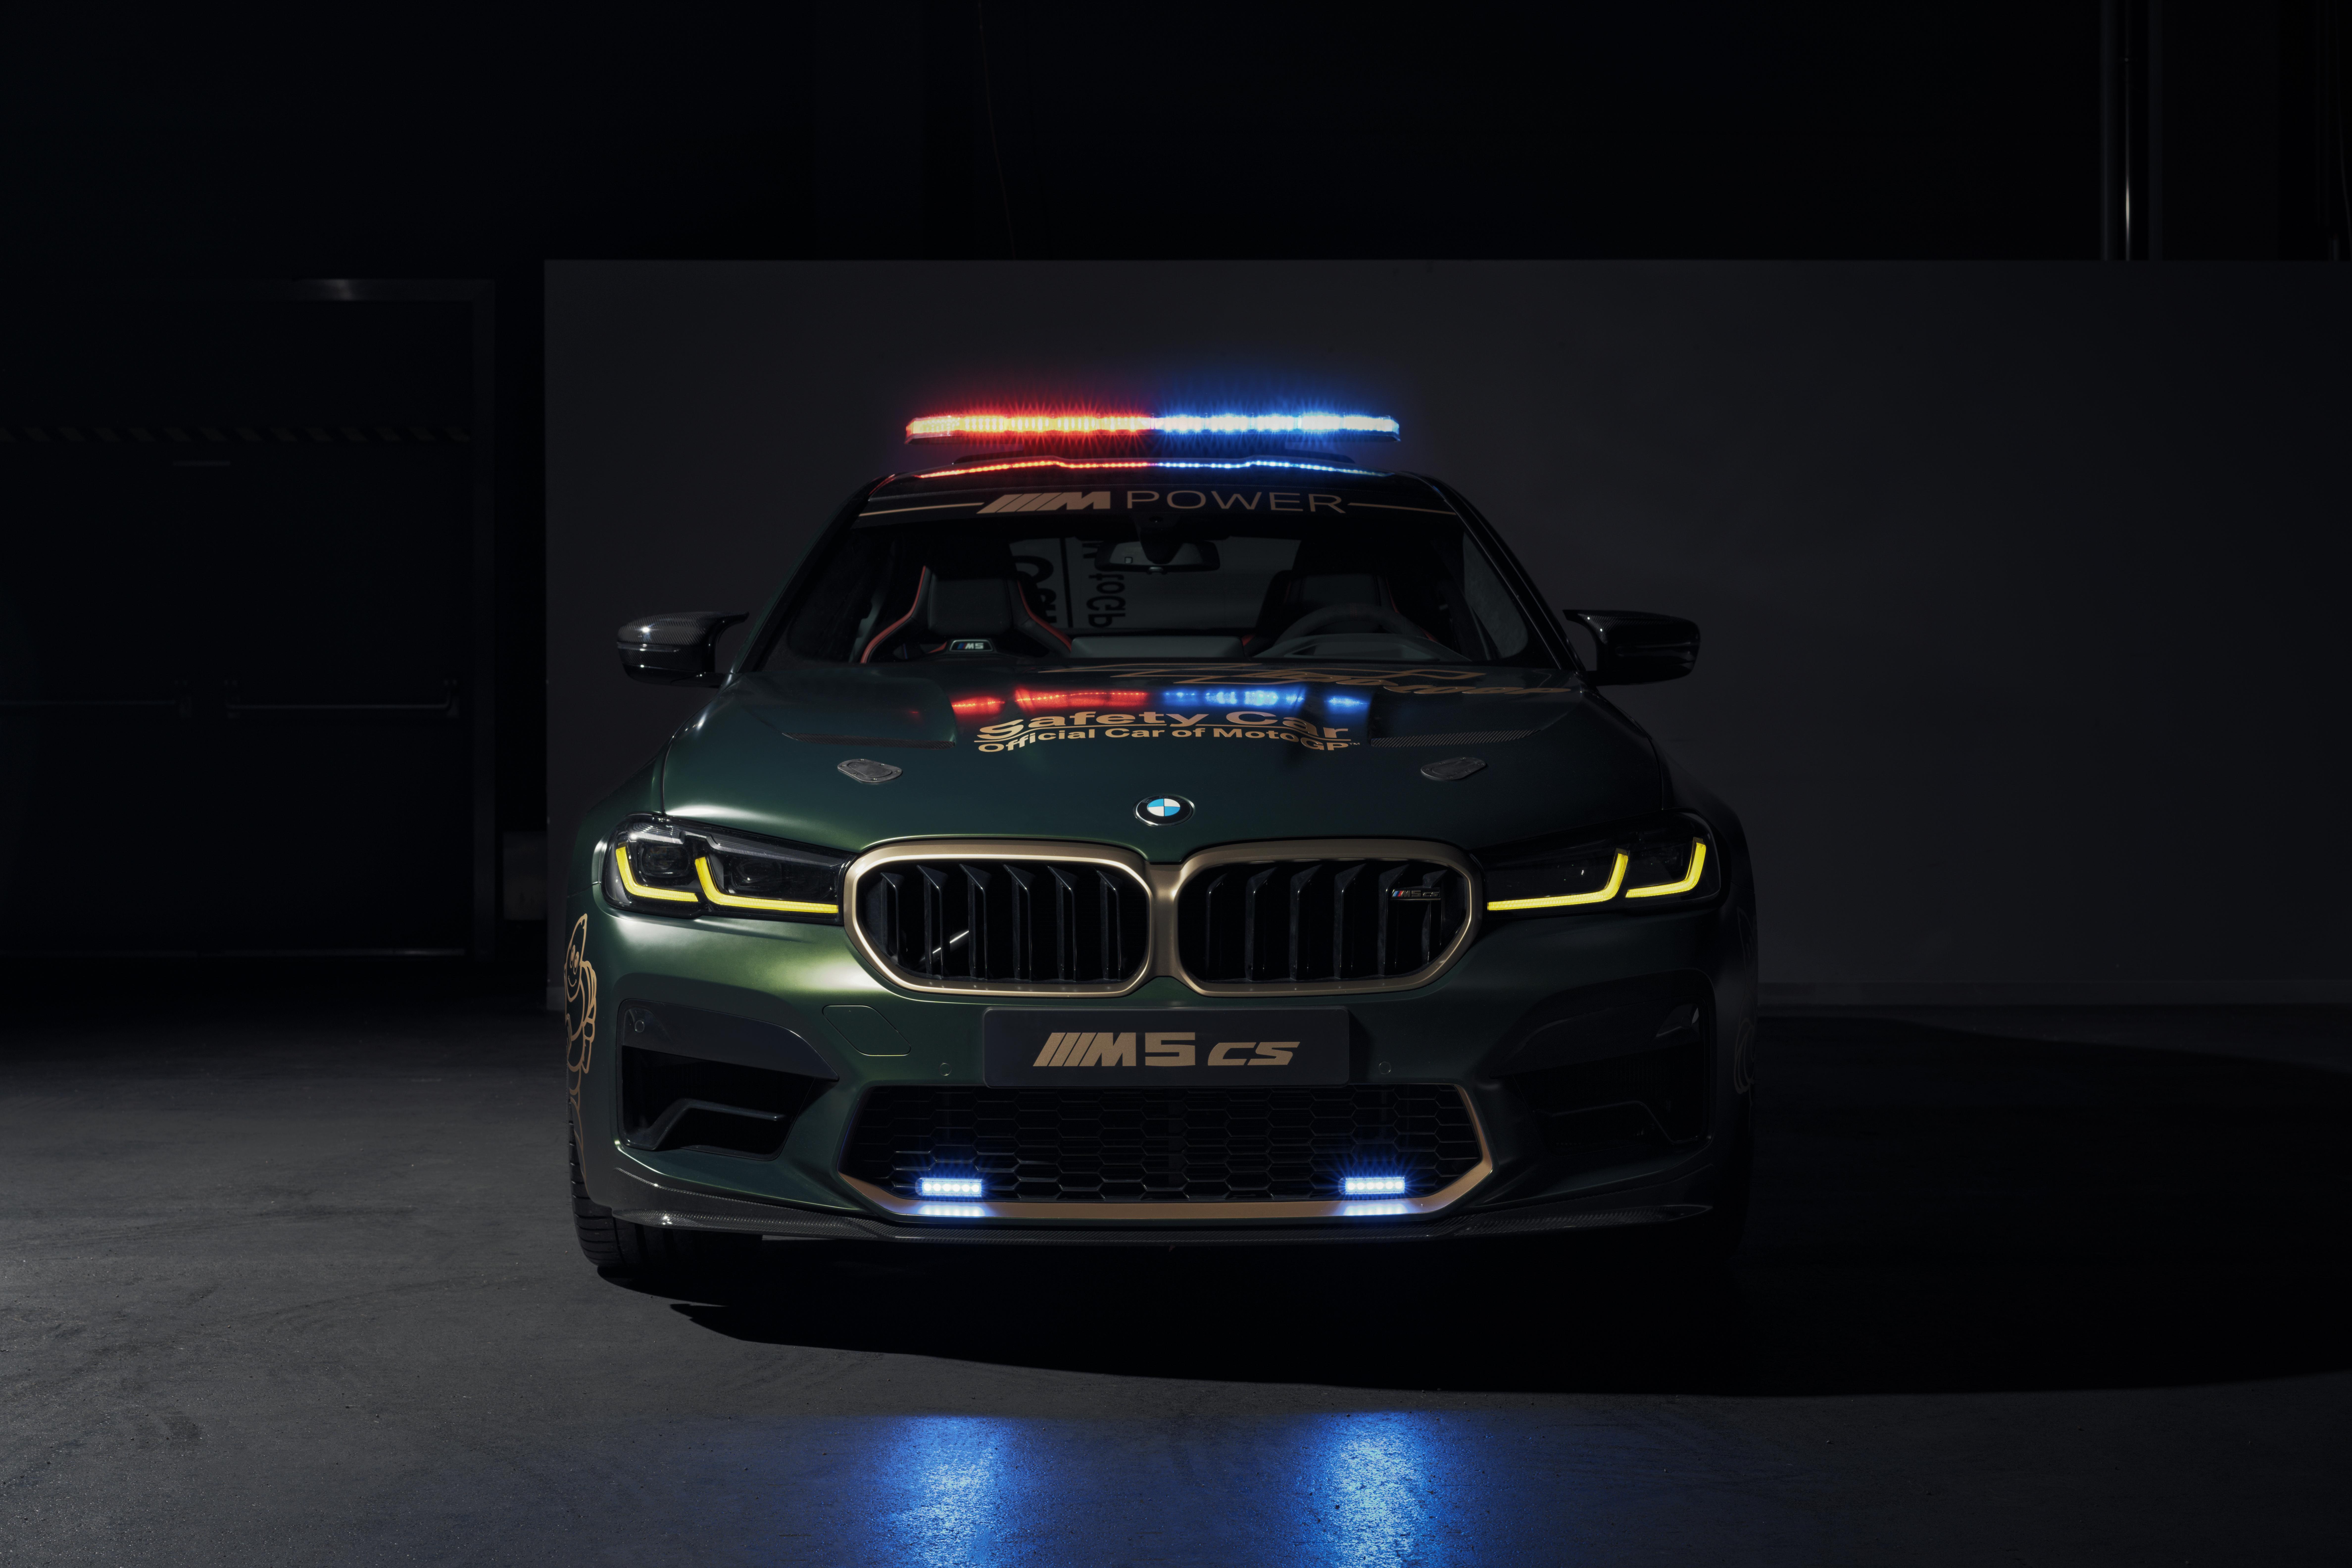 bmw m5 cs motogp safety car 2021 4k 1618921613 1 - BMW M5 CS MotoGP Safety Car 2021 4k - BMW M5 CS MotoGP Safety Car 2021 4k wallpapers